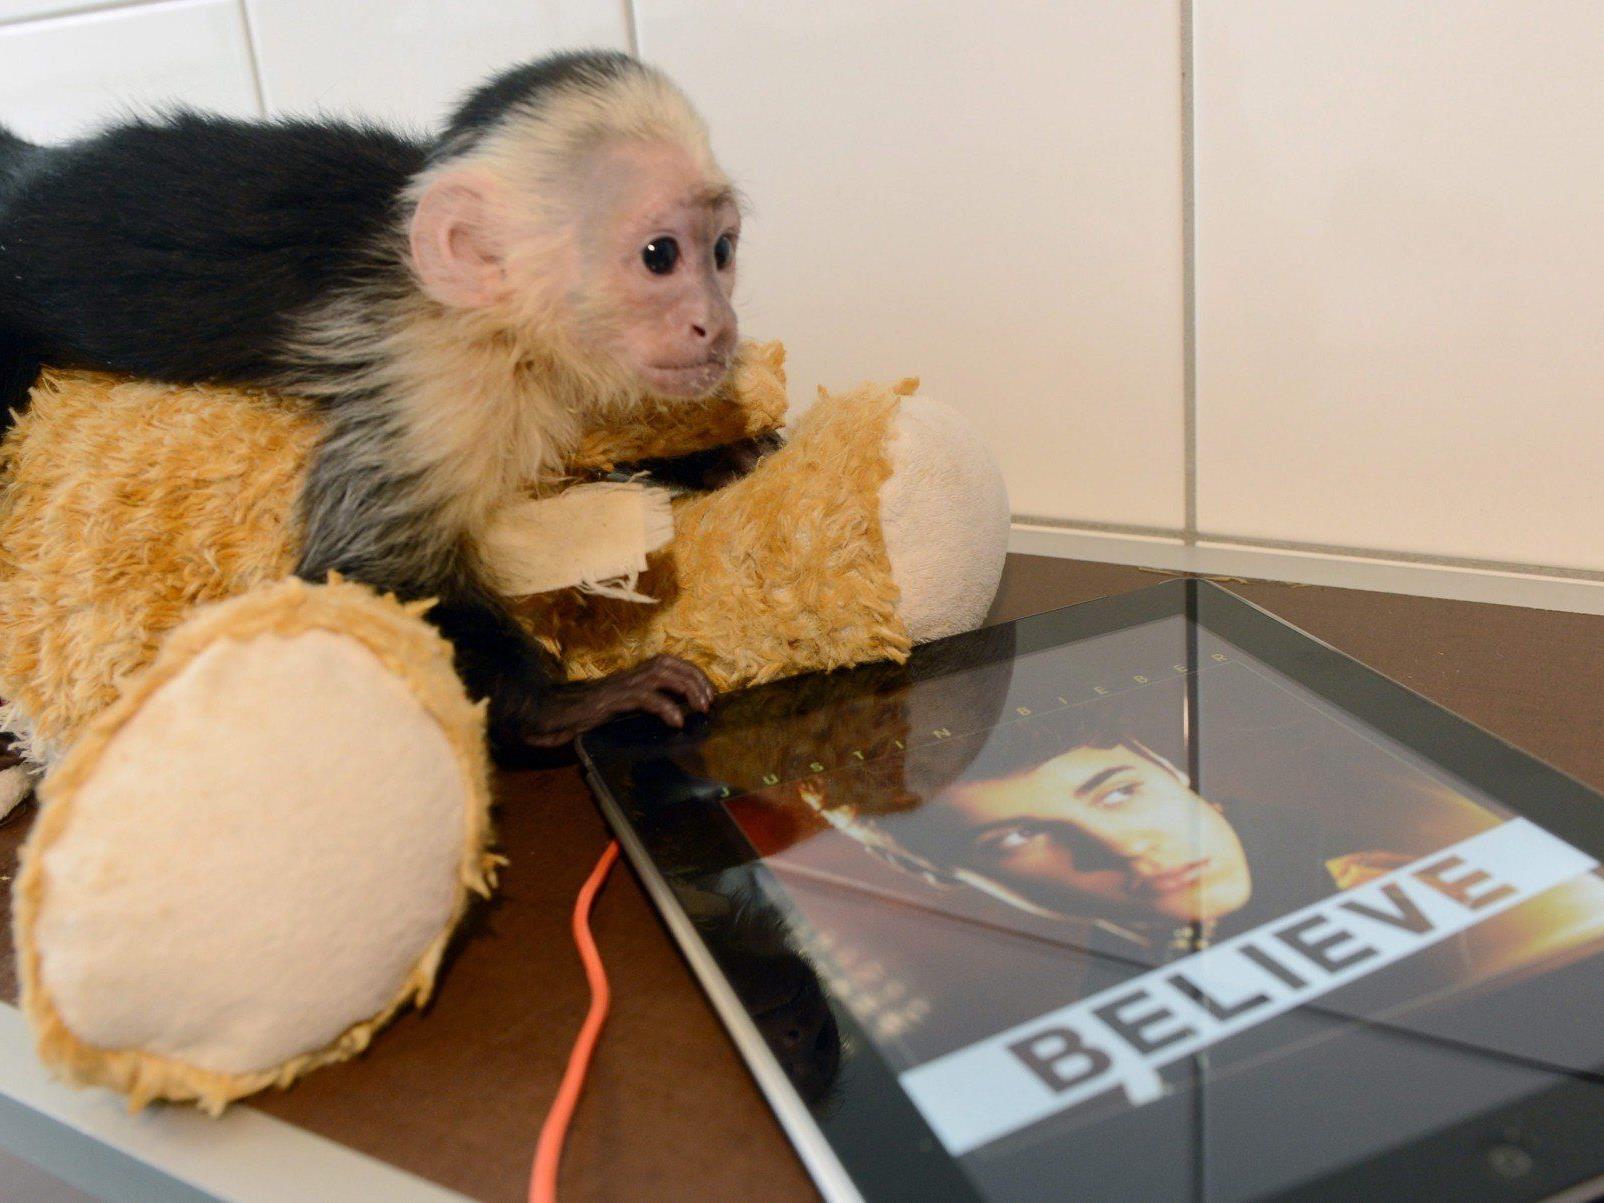 Justin Biebers Affe soll zunächst in einen Zoo.